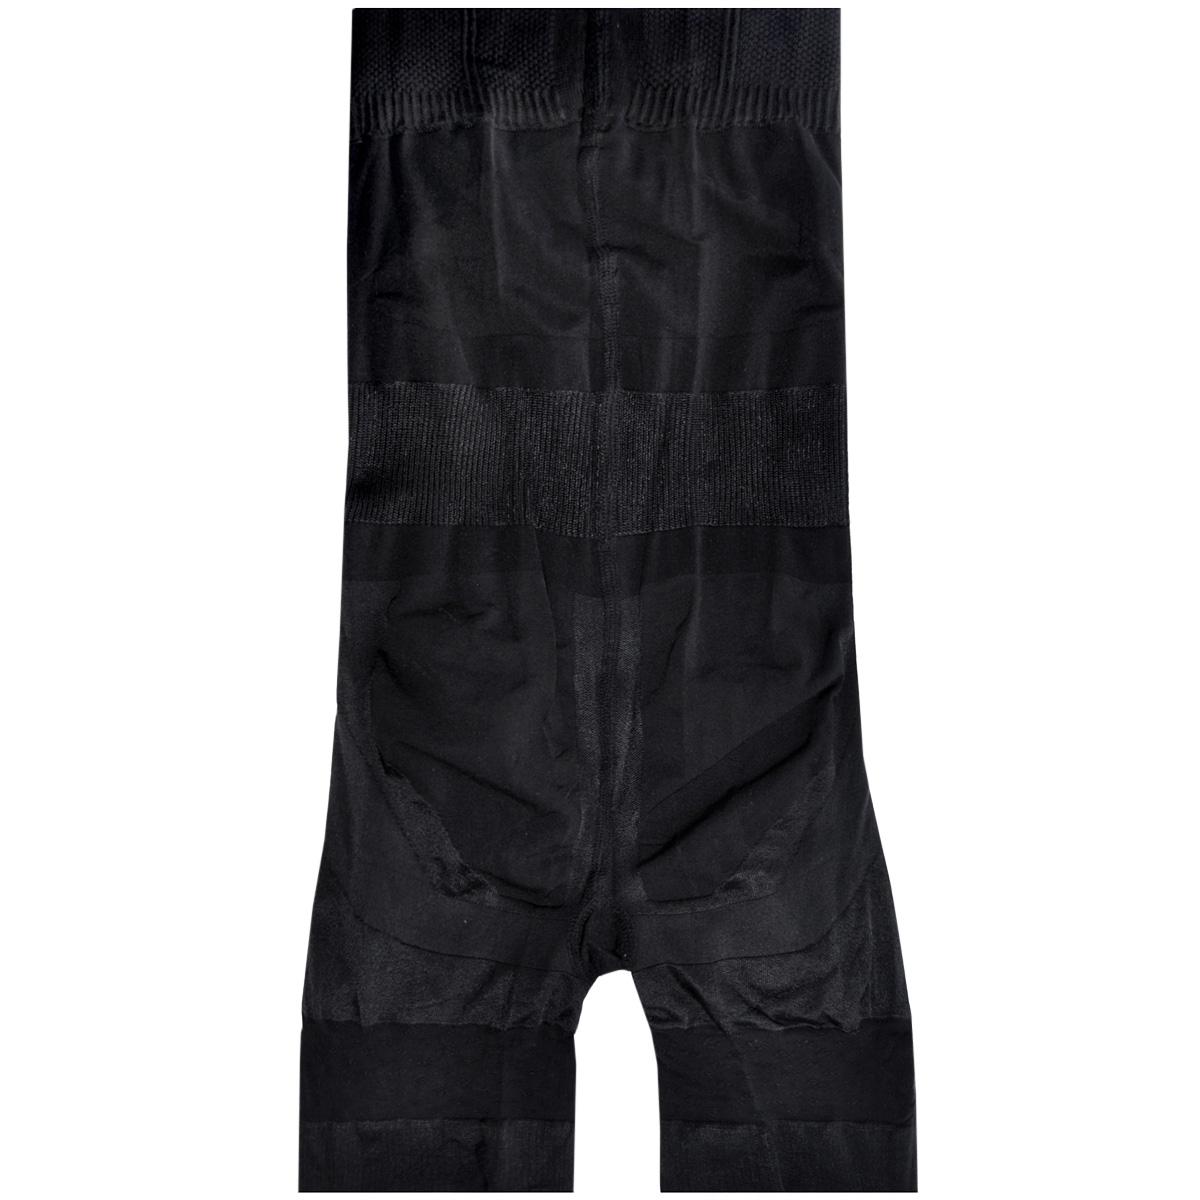 Шорты-корсет женские Slimshaper, утягивающие. 19SH19SHУтягивающие шорты-корсет Magic BodyFashion Slimshaper с завышенной талией очень удобные и комфортные в носке. Модель эффективно формирует очертания фигуры, делая ее более изящной и легкой. Талия становится более тонкой и притягательной. В изделии предусмотрен дополнительный стягивающий слой ткани, подобный корсету, таким образом, уникальный фасон и высокая эластичность корректирующих шорт облегают тело, как вторая кожа. Крой шорт необычен, благодаря чему их невозможно заметить под любой одеждой, они практически не ощущаются на коже, позволяют чувствовать себя комфортно и легко. Изделие позволяет приобрести выразительные линии своего тела за считанные секунды (можно скрыть все лишнее). Белье Magic BodyFashion создано для тех, кто стремится к безупречности своего стиля. Именно благодаря ему огромное количество женщин чувствуют себя поистине соблазнительными, привлекательными и не на шутку уверенными в себе.